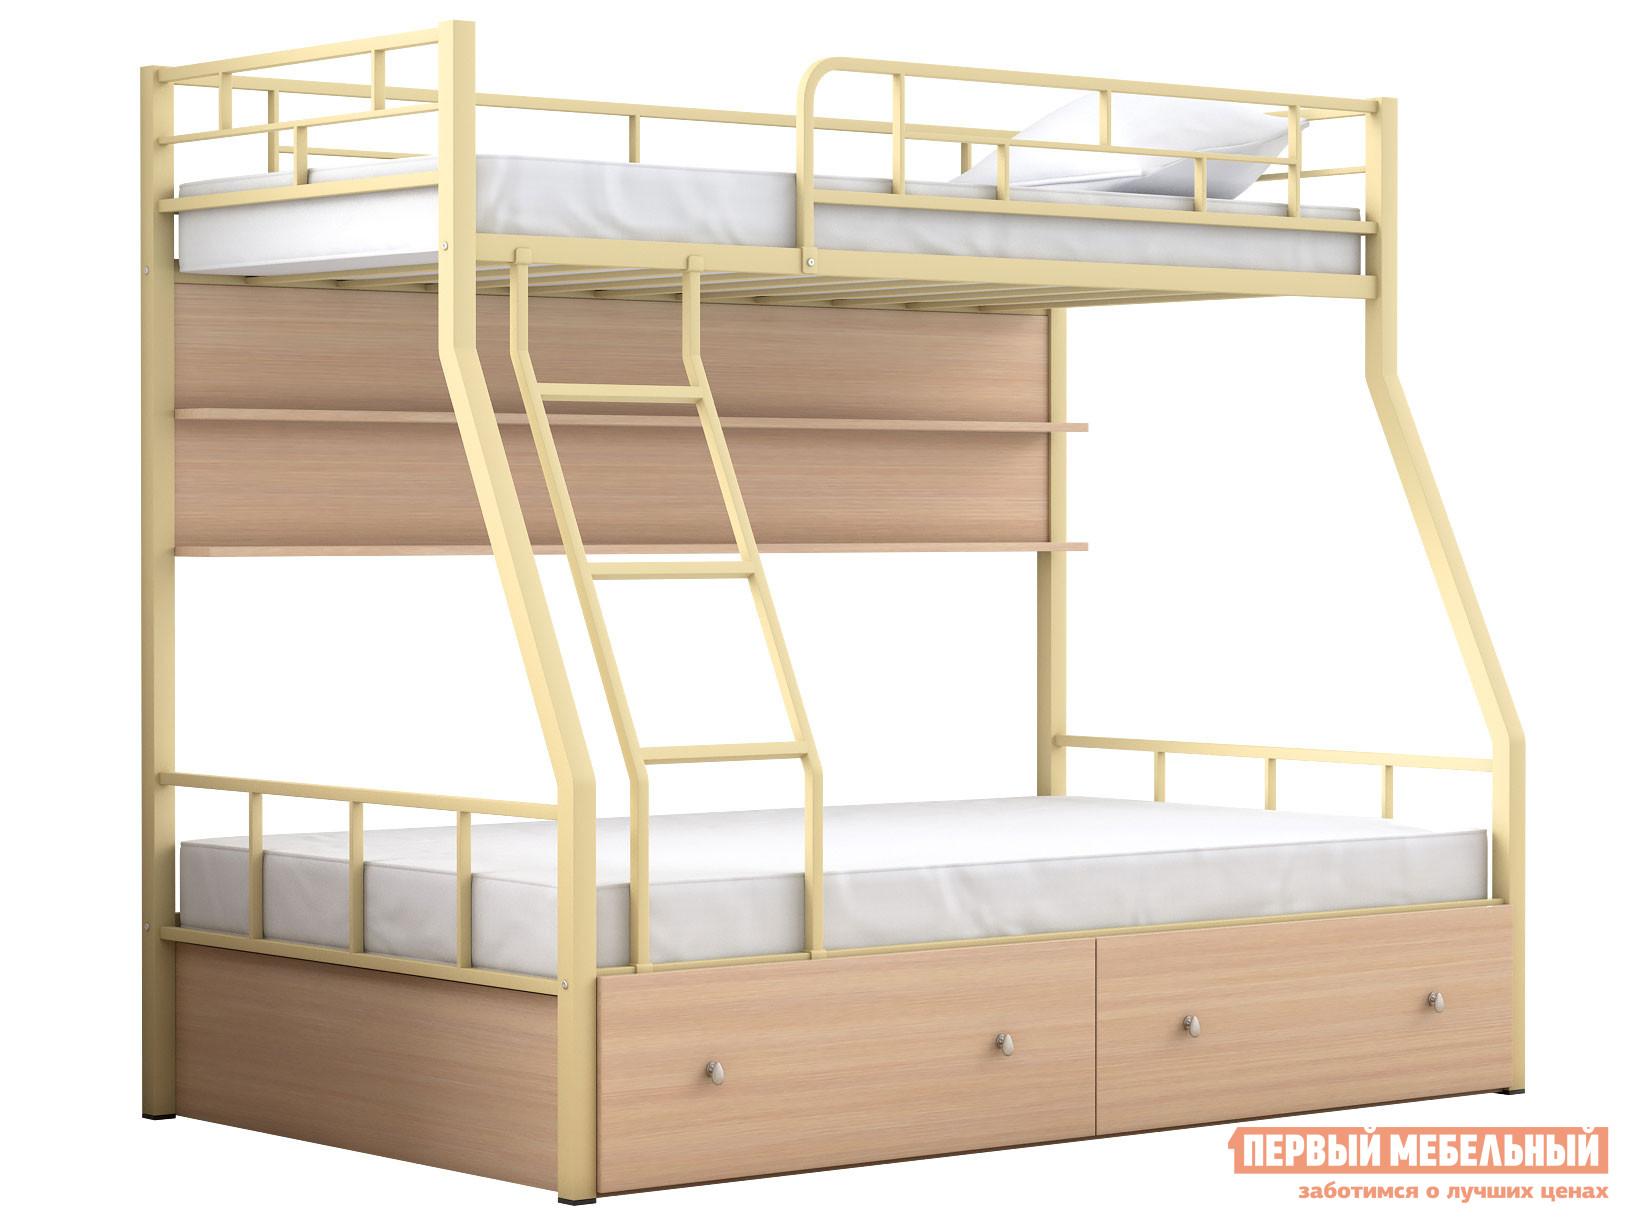 Двухъярусная кровать МФ 4 Сезона Двухъярусная детская кровать Раута с полкой и ящиками